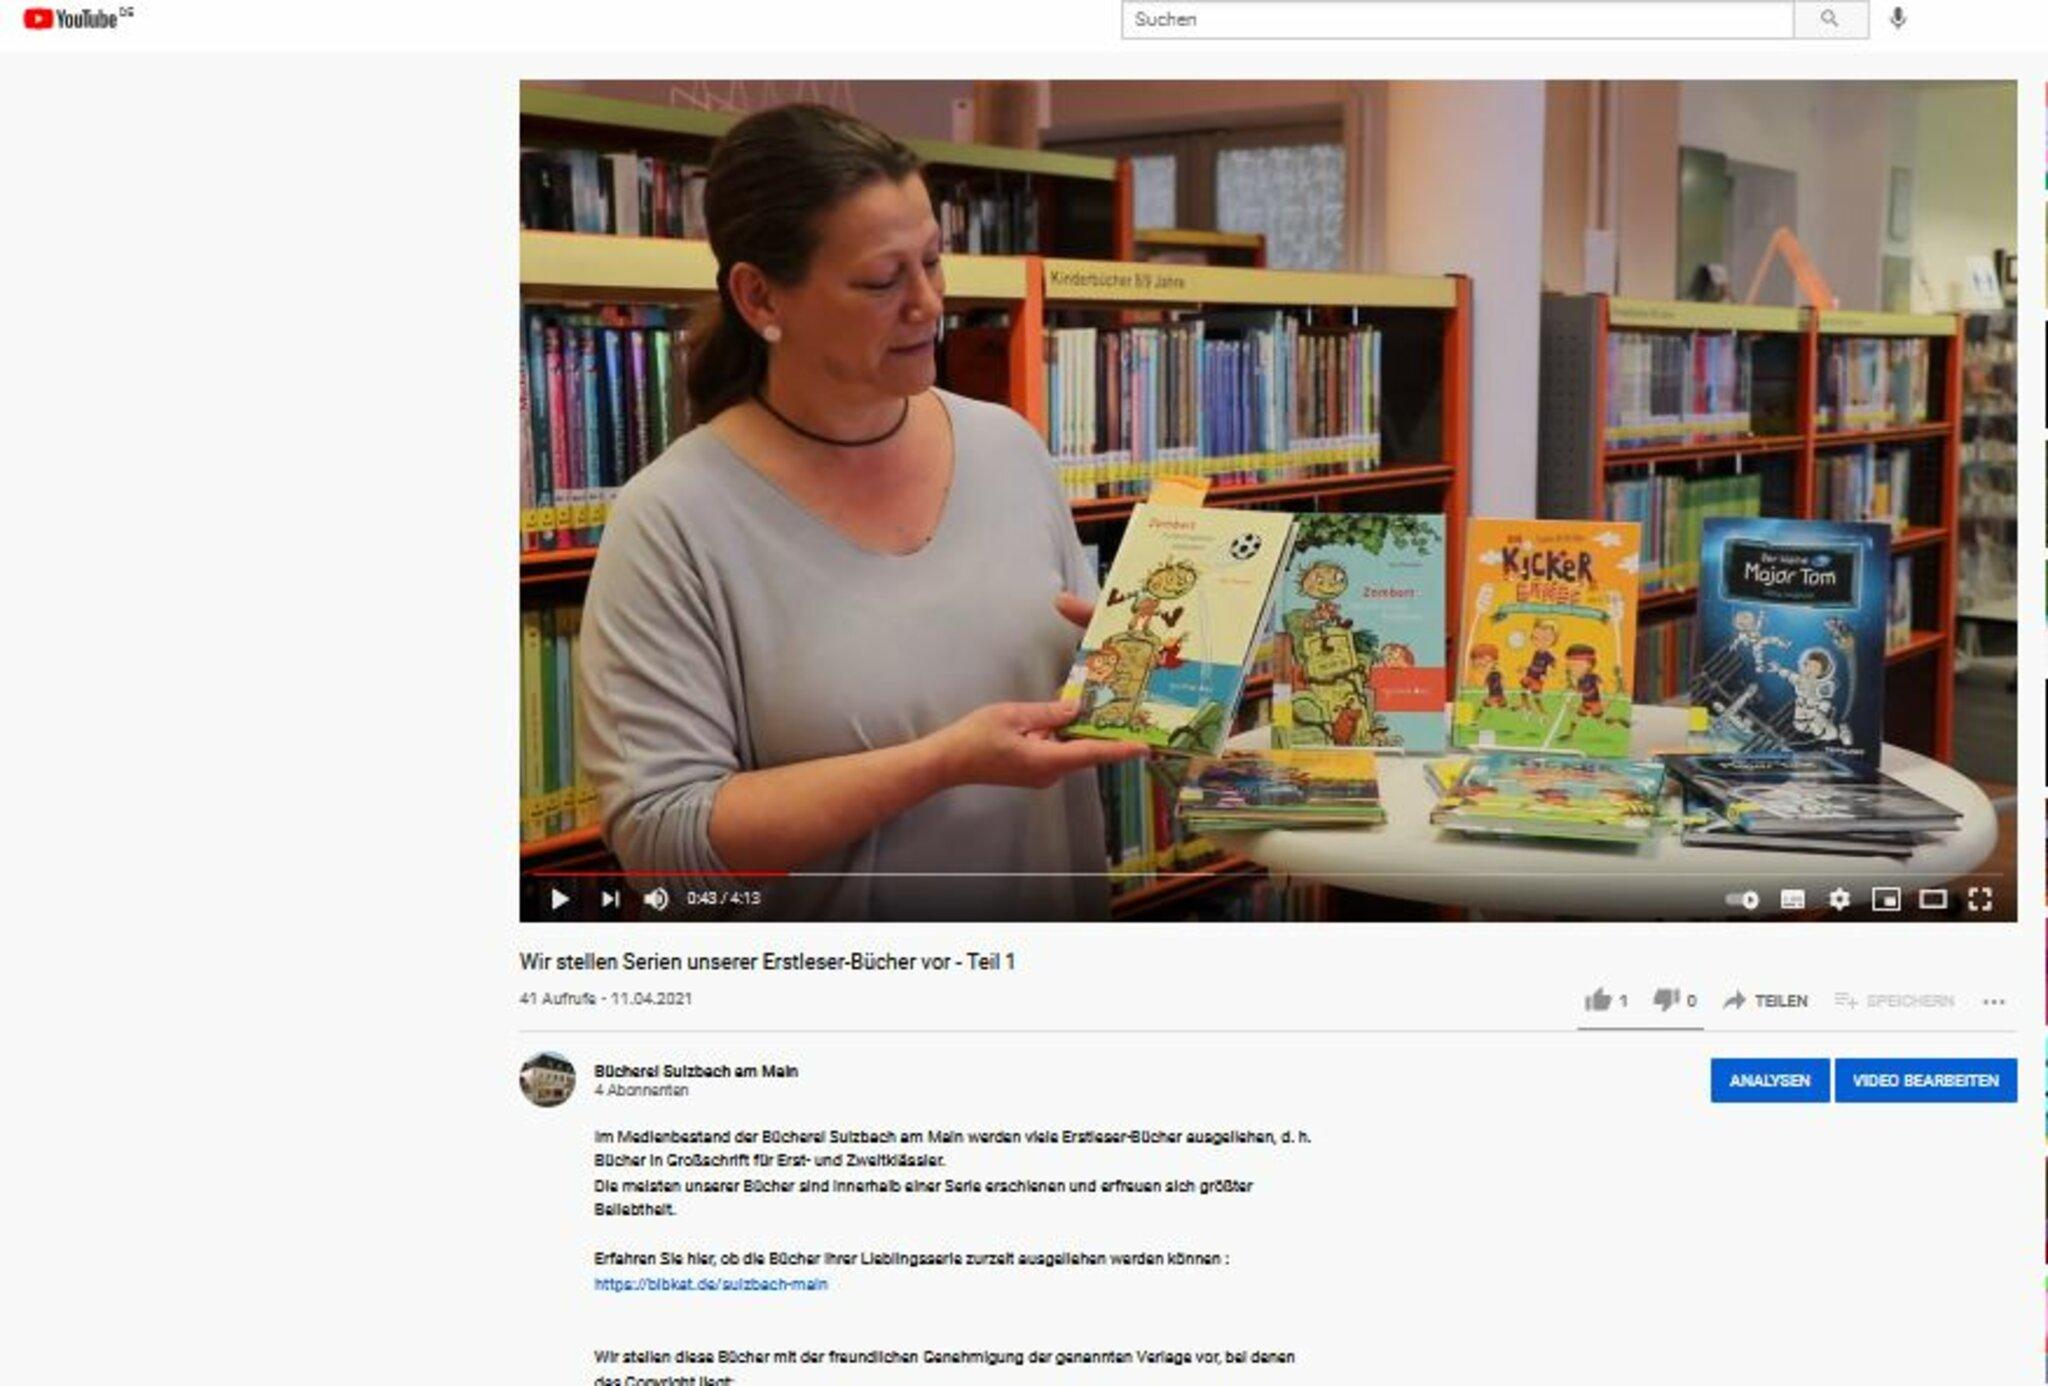 Vorstellung-der-Erstleser-Serien-auf-YouTube-im-Kanal-der-B-cherei-Sulzbach-am-Main